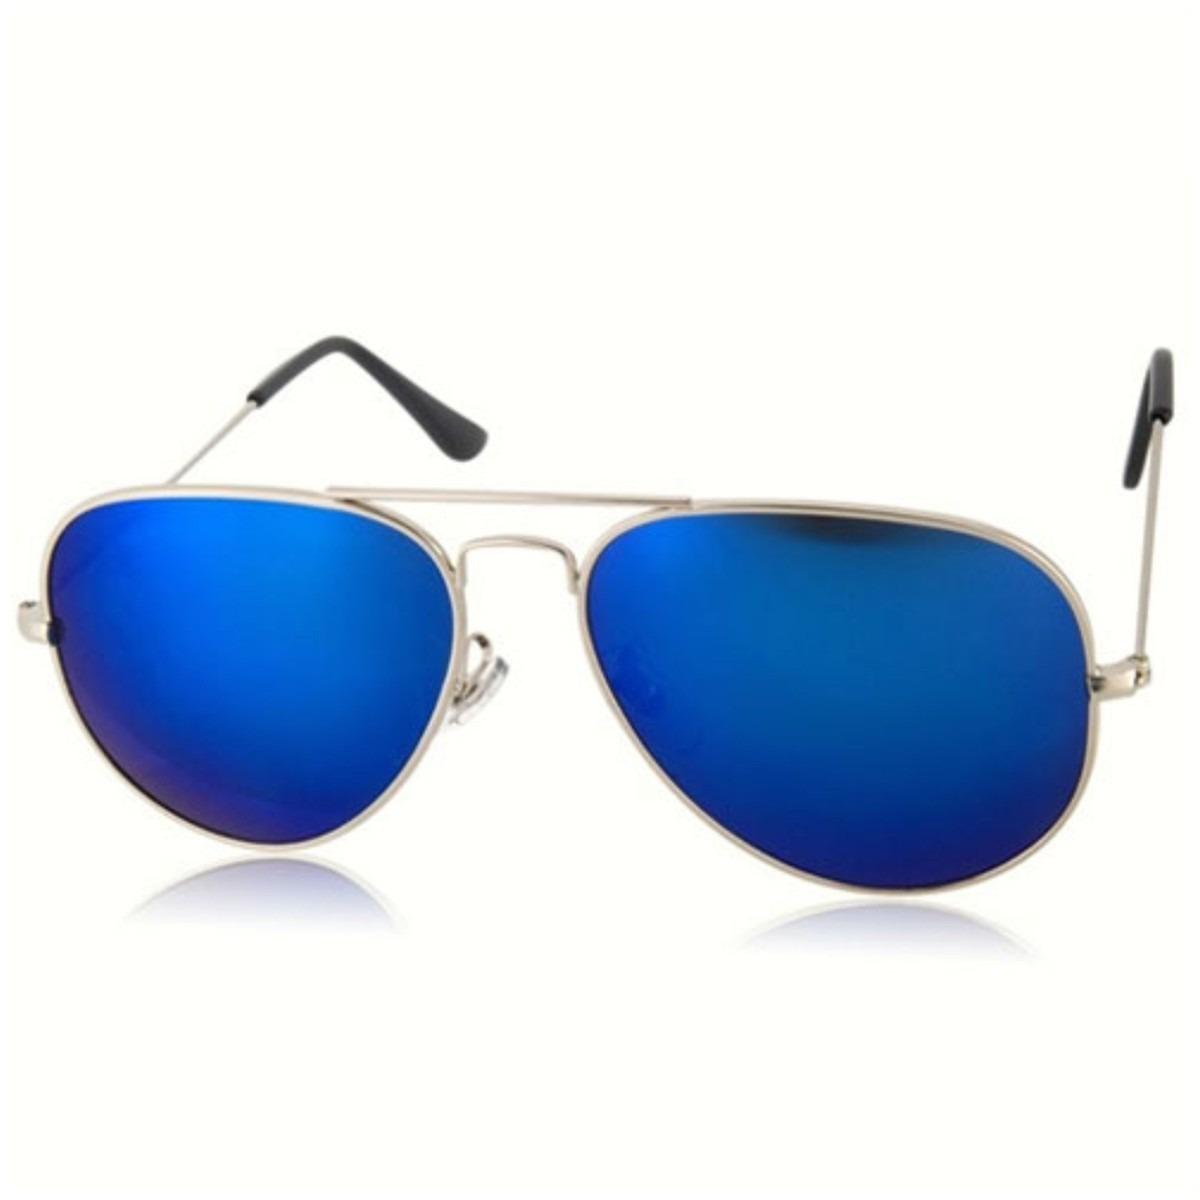 óculos de sol aviador espelhado lindo unisex top qualidade. Carregando zoom. dffd46d39c